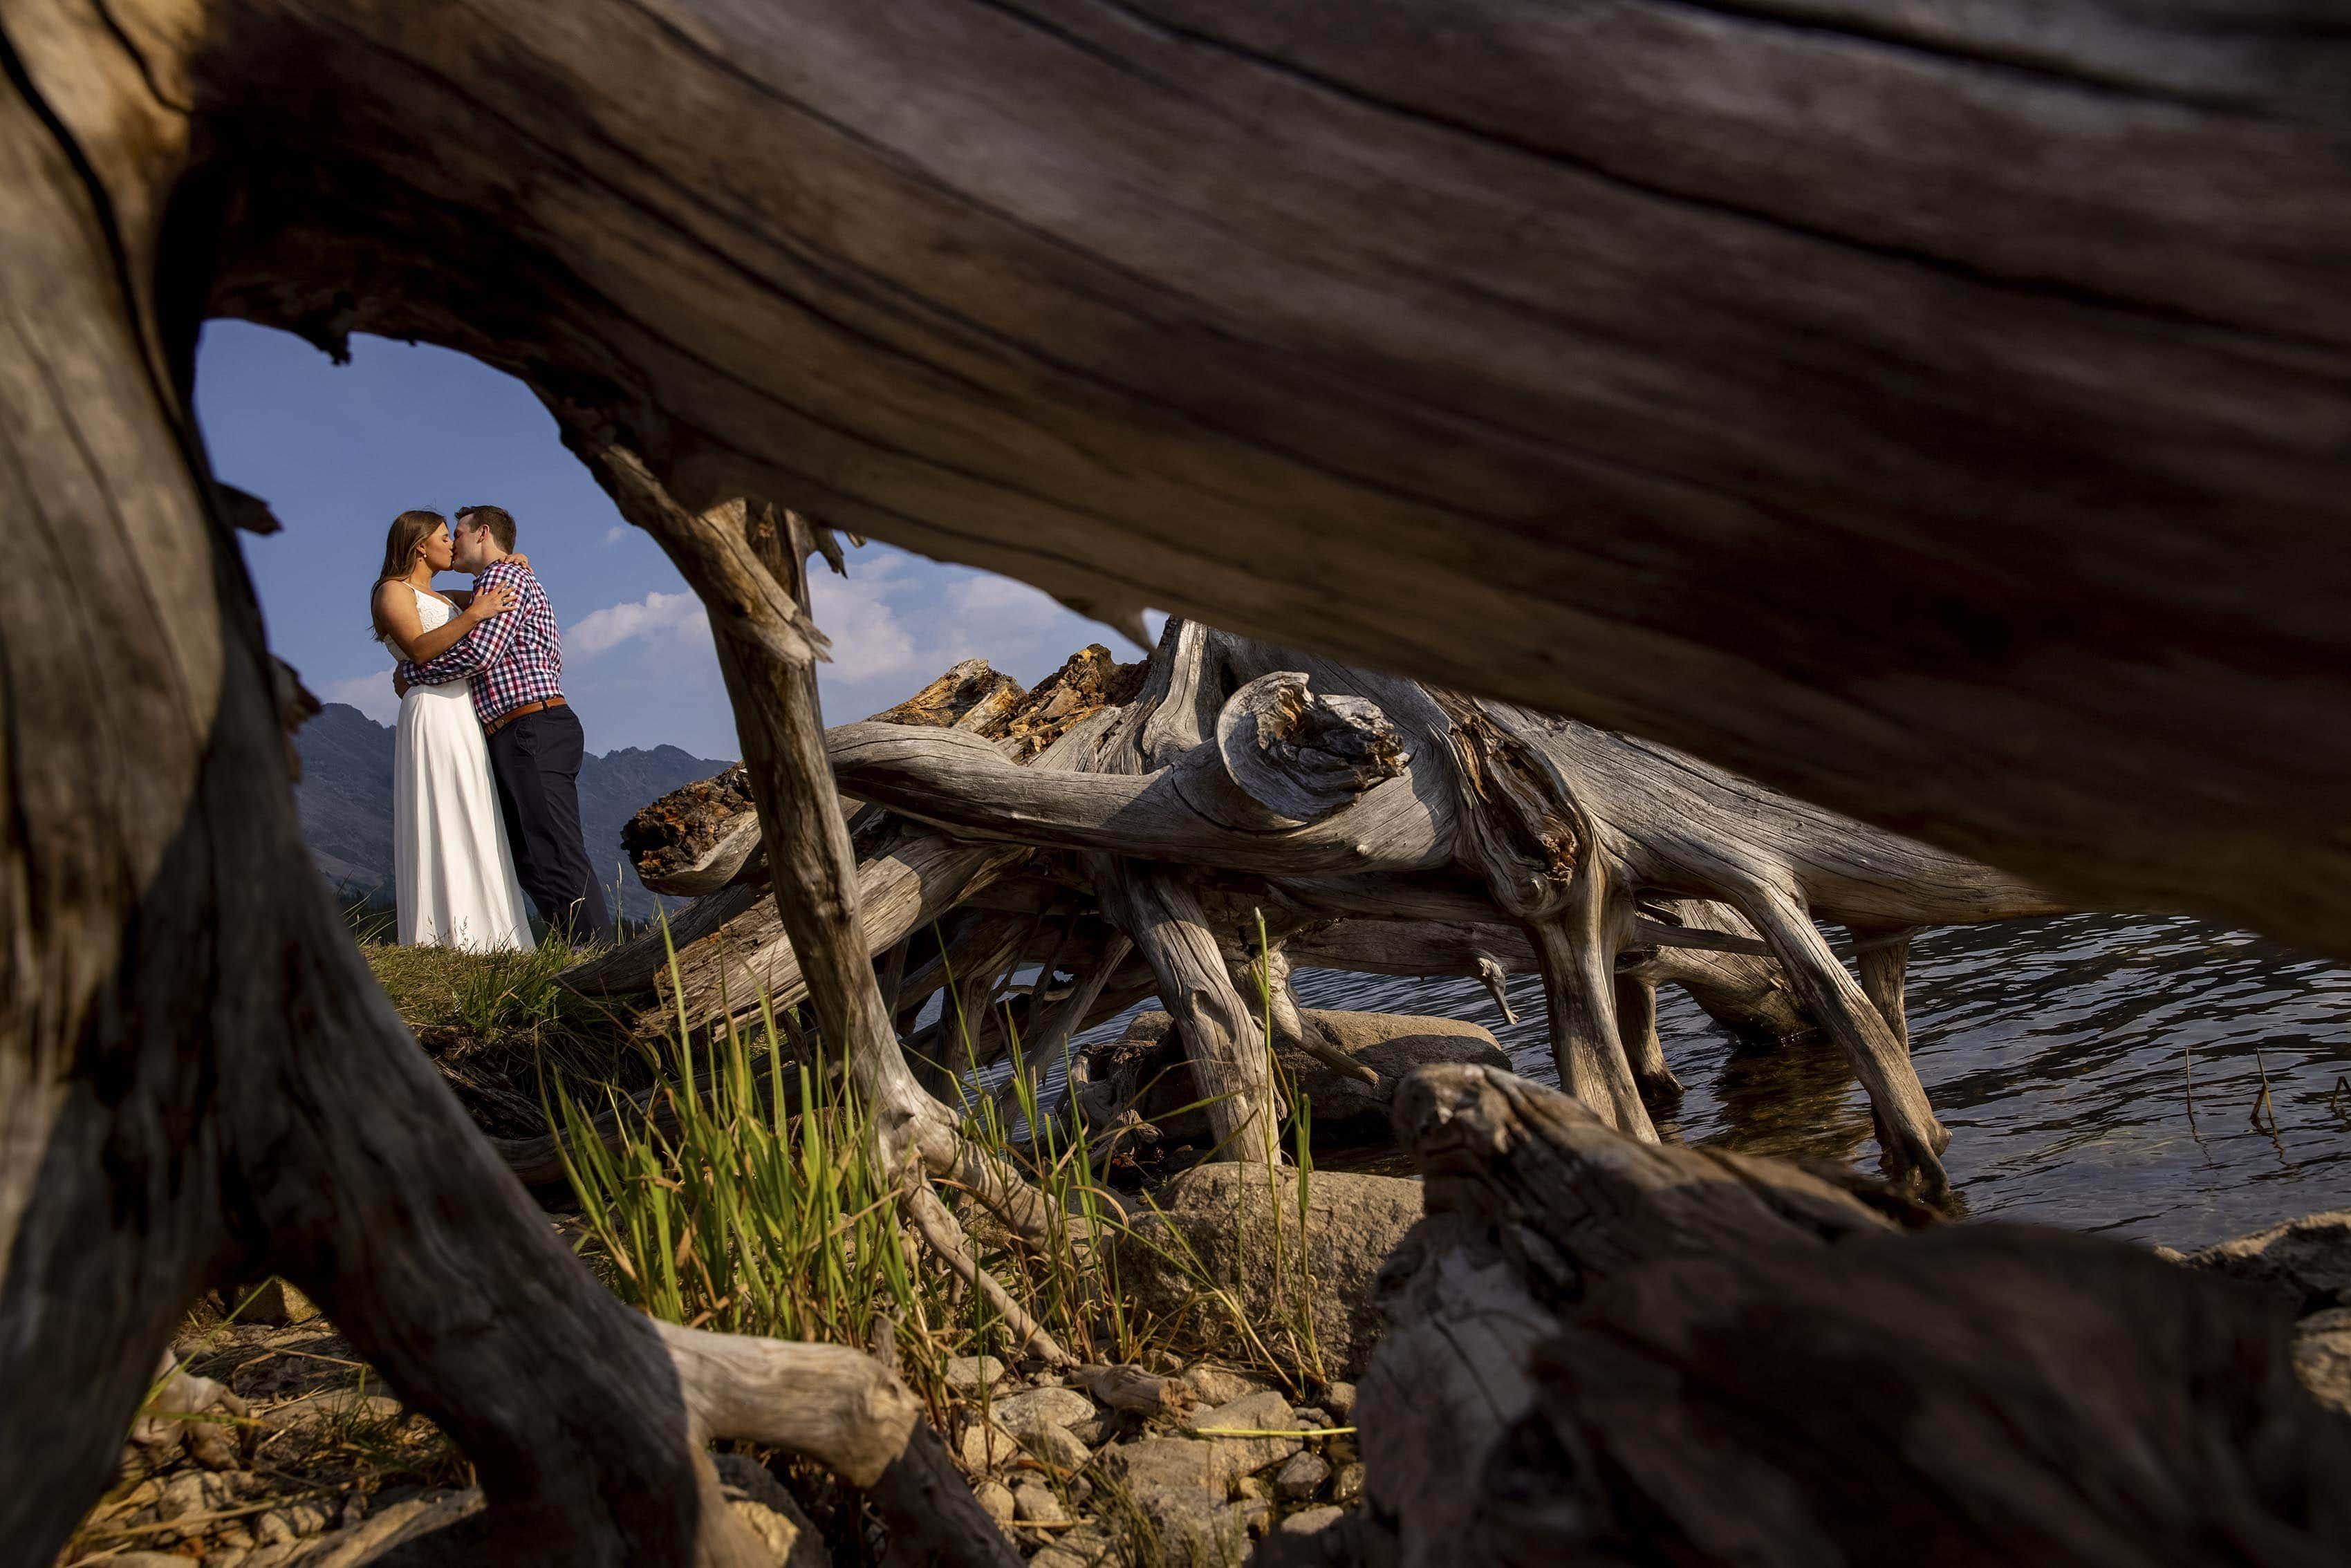 The newlyweds share a kiss near driftwood at the waterÕs edge of Clinton Gulch Dam Reservoir